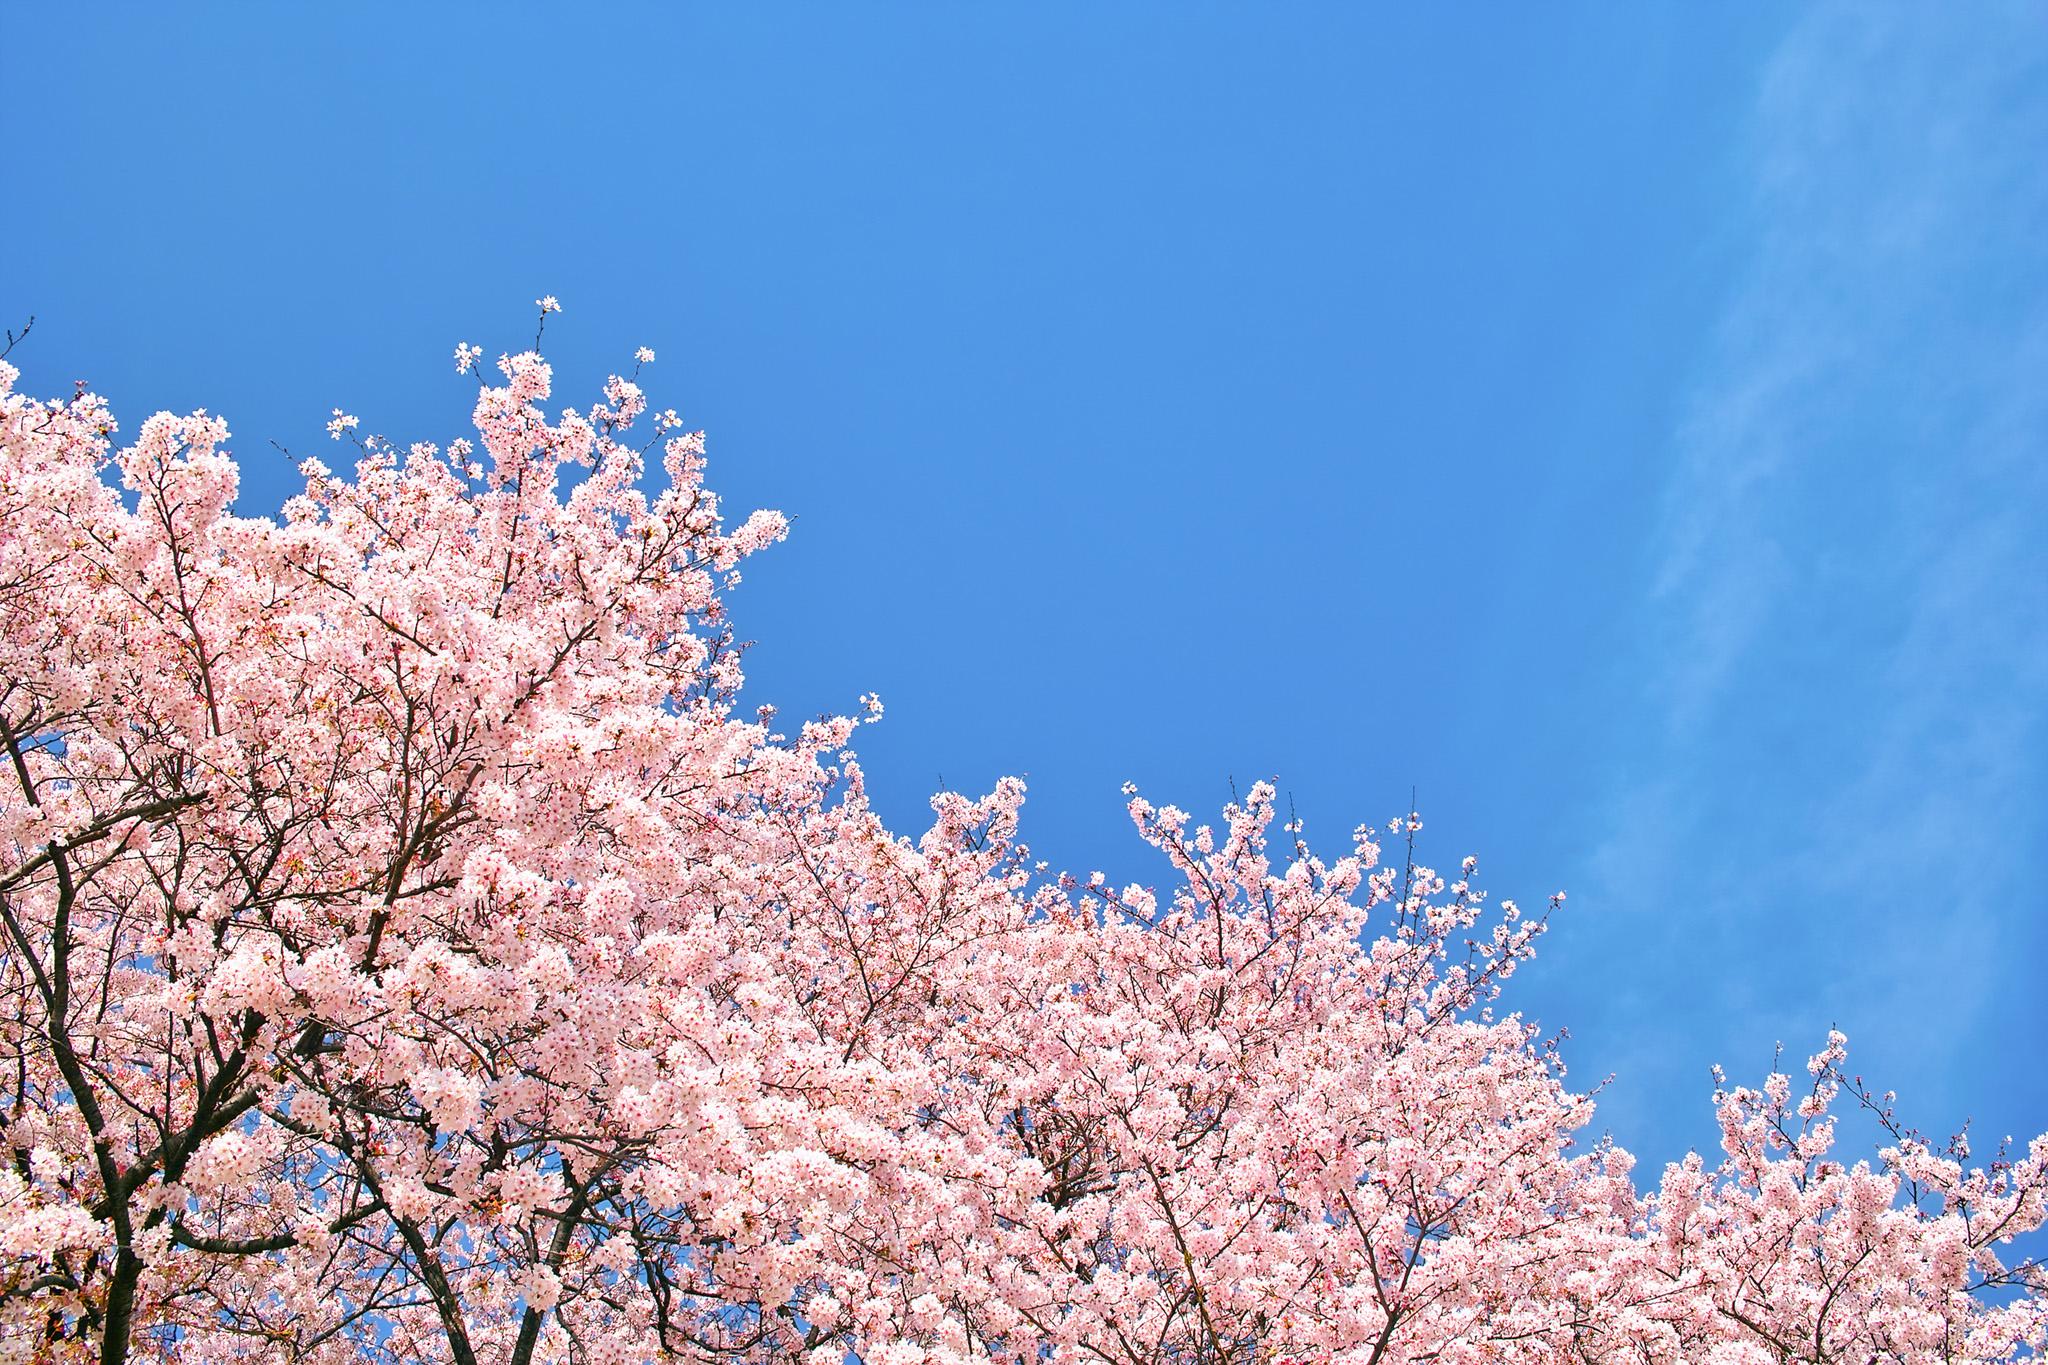 「青空の下の薄紅色の桜並木」